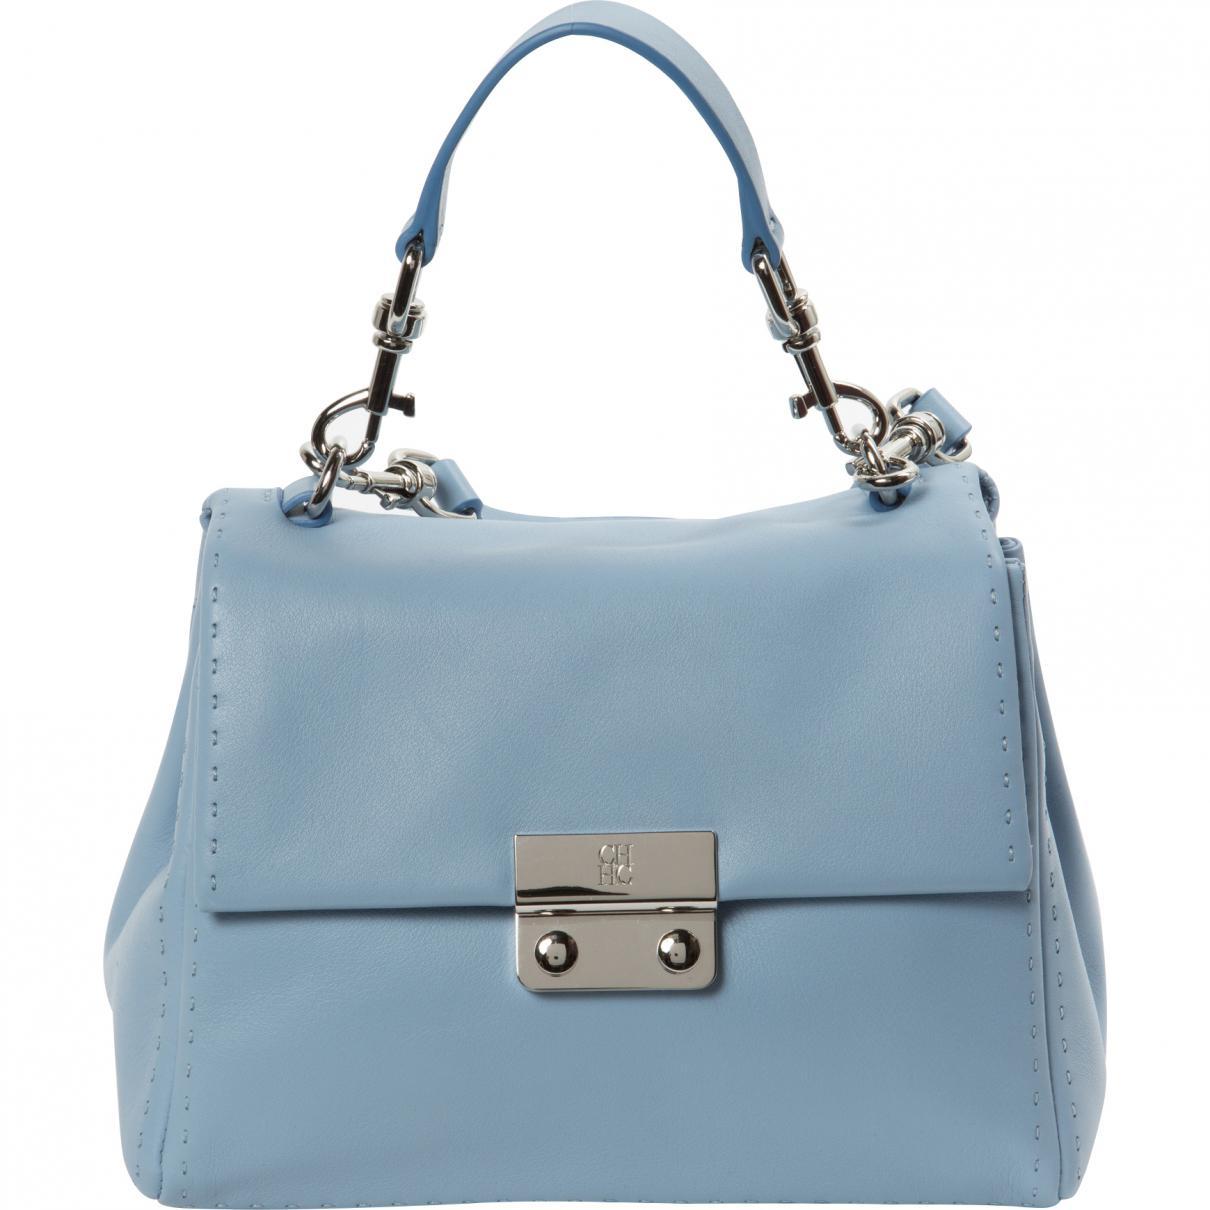 Pre-owned - Handbag Carolina Herrera JVbV5VfDbl